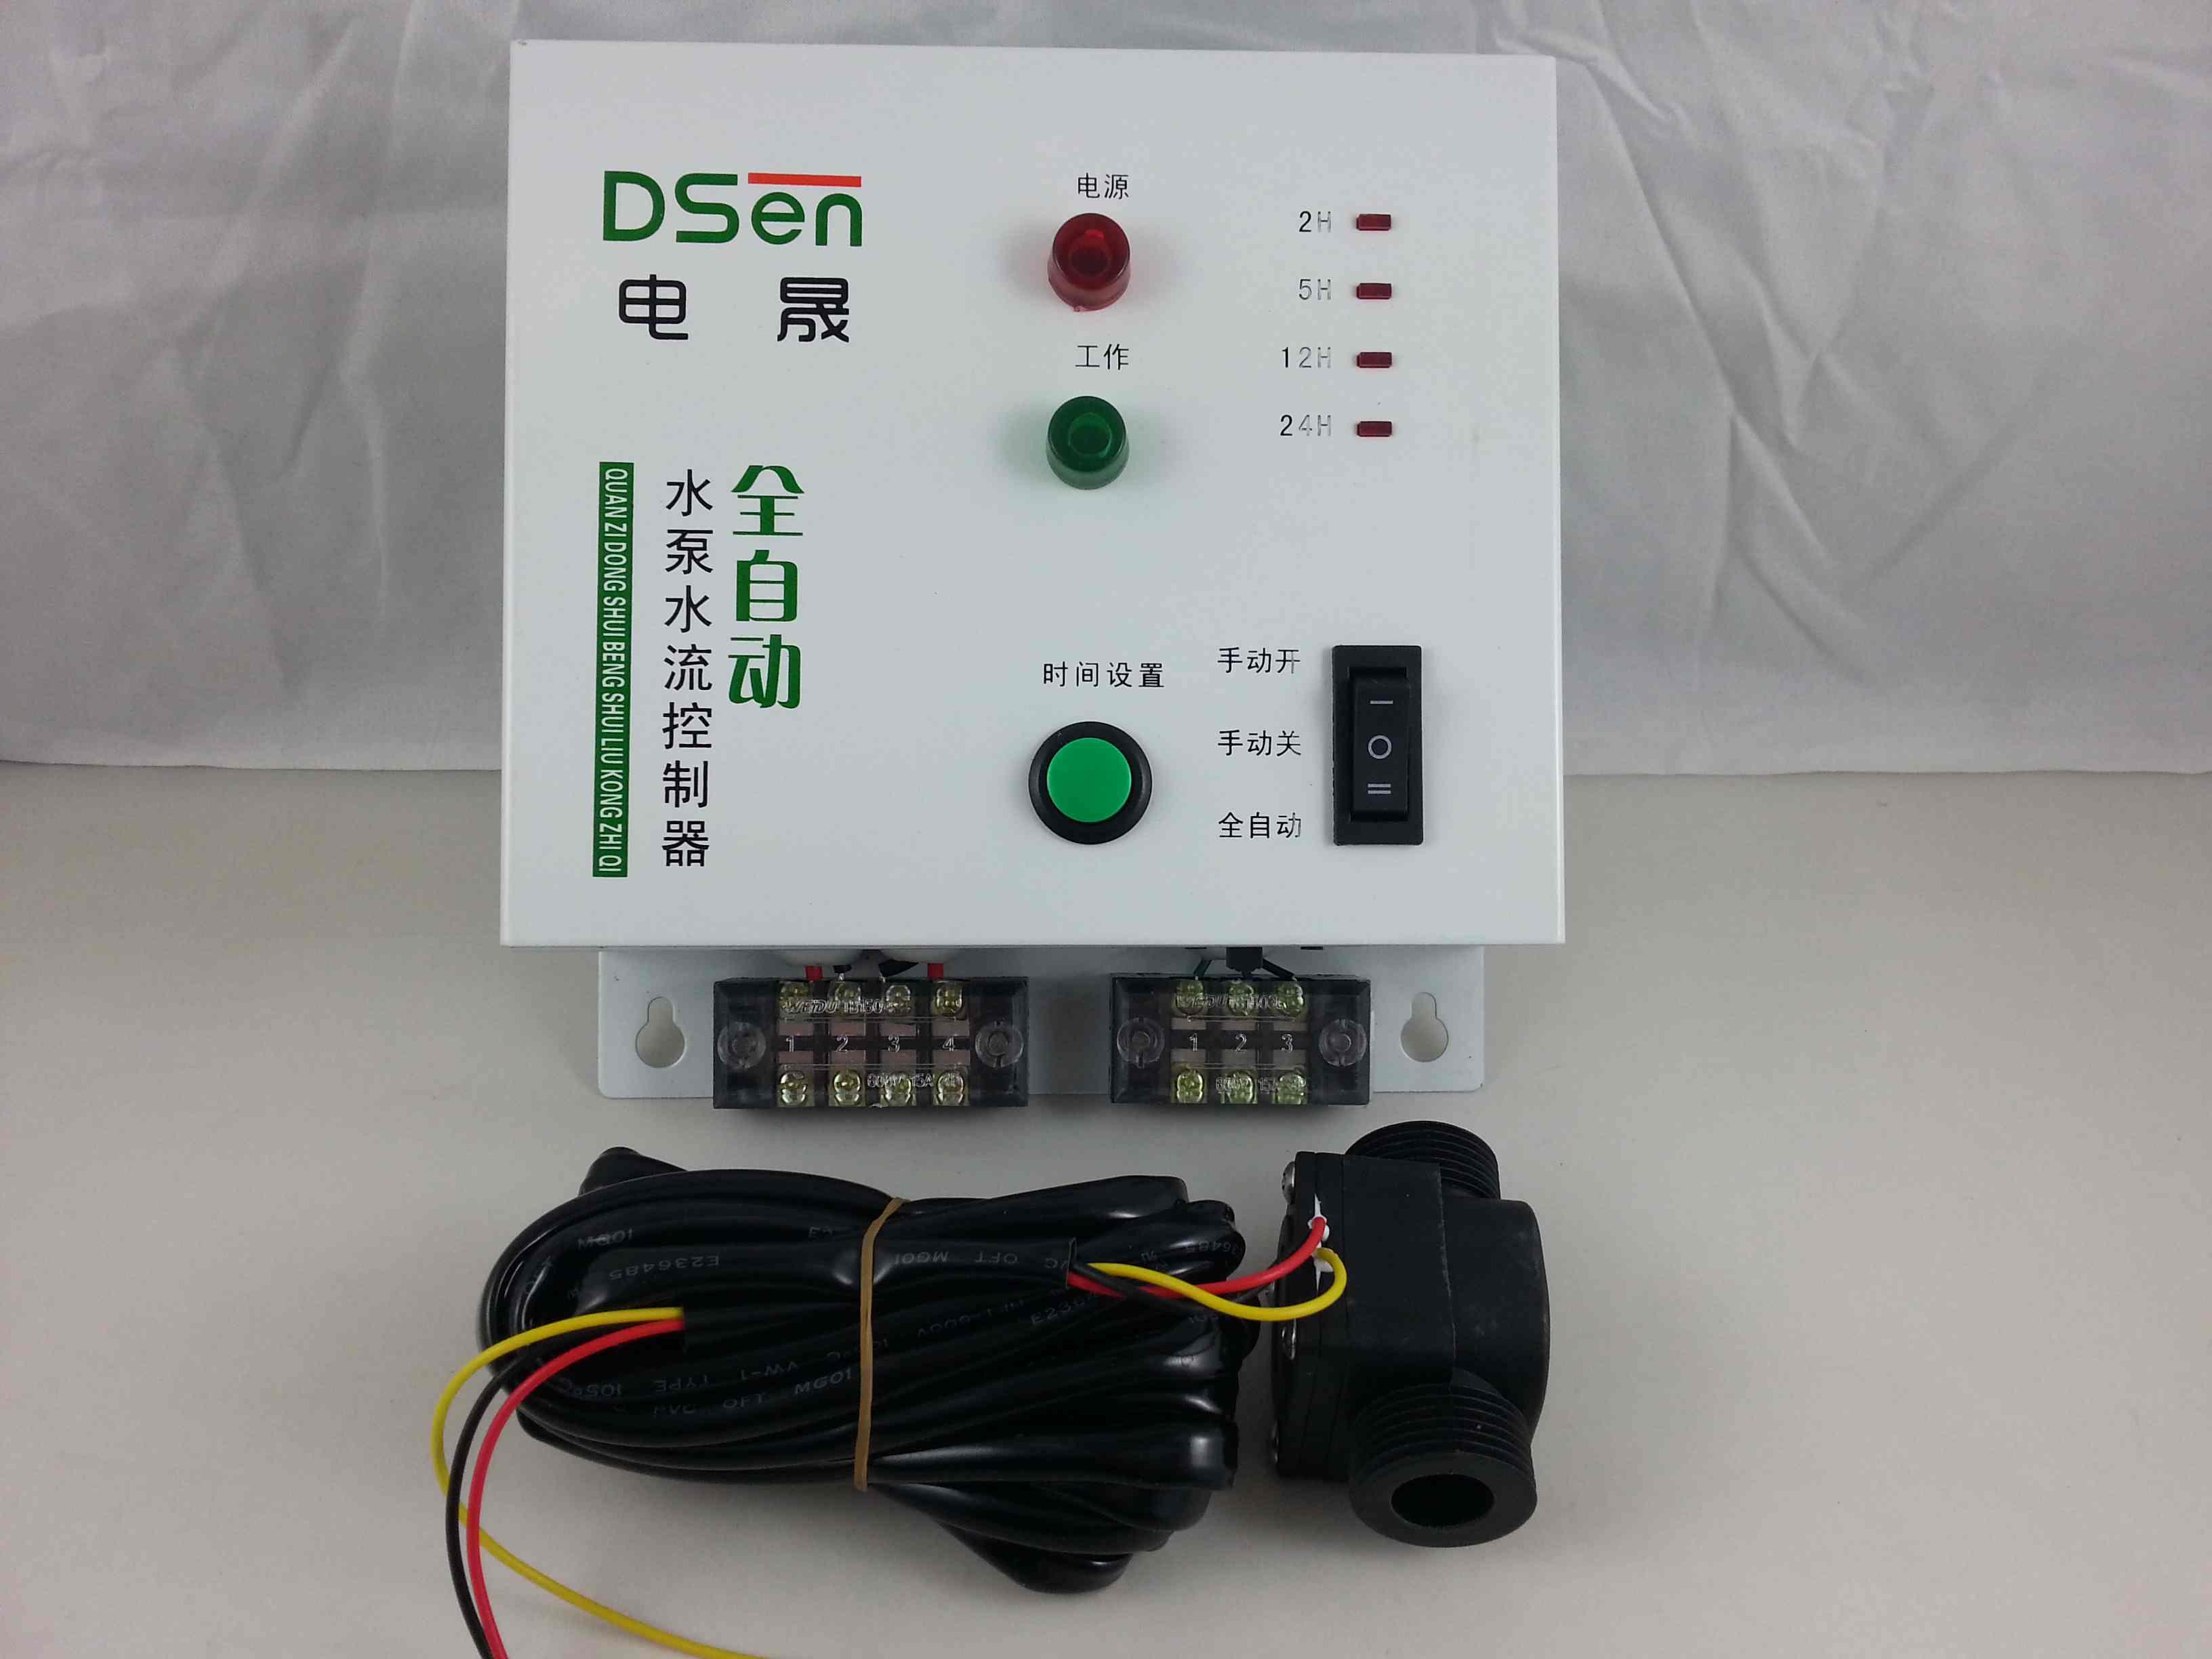 安装简单,将电晟全自动水位控制器插入电源插座,水泵插在控制器上的插孔,水位设定,将高低水位探头放入水塔合适的高低水位位置,共用探头放入水塔水底,即可使用。 状态指示,水泵工作时绿灯亮,待机红灯亮。 功能细述: 额定工作电压:AC220V/50Hz 适用电压:AC180V~250VAC 待机功耗小于2W; 最大负载功率:1800KW 本机净重1KG 本产品与普通水位器最大特点是: 本机为铁壳冲压的; 有4级水位显示,待机功耗小于2W; 有井下或自来水缺水保护水泵; 缺水保护下自动重启功能